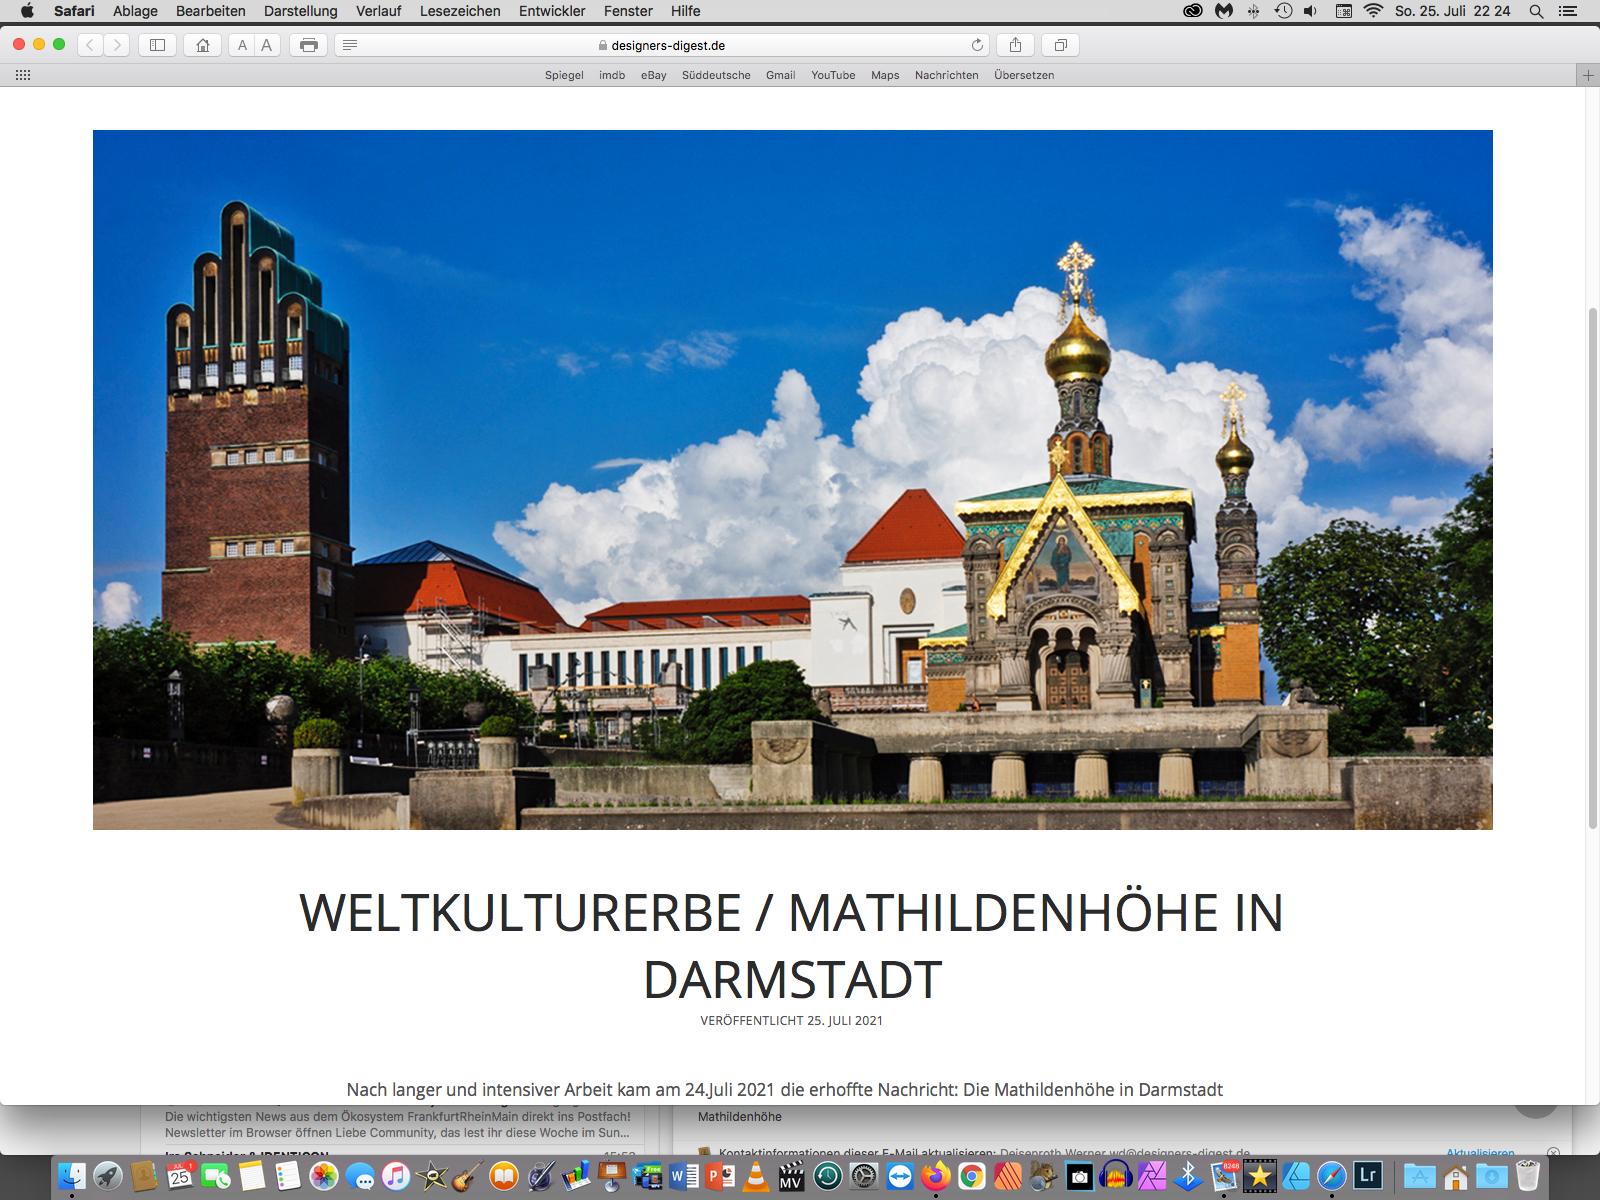 Weltkulturerbe Mathildenhöhe Darmstadt